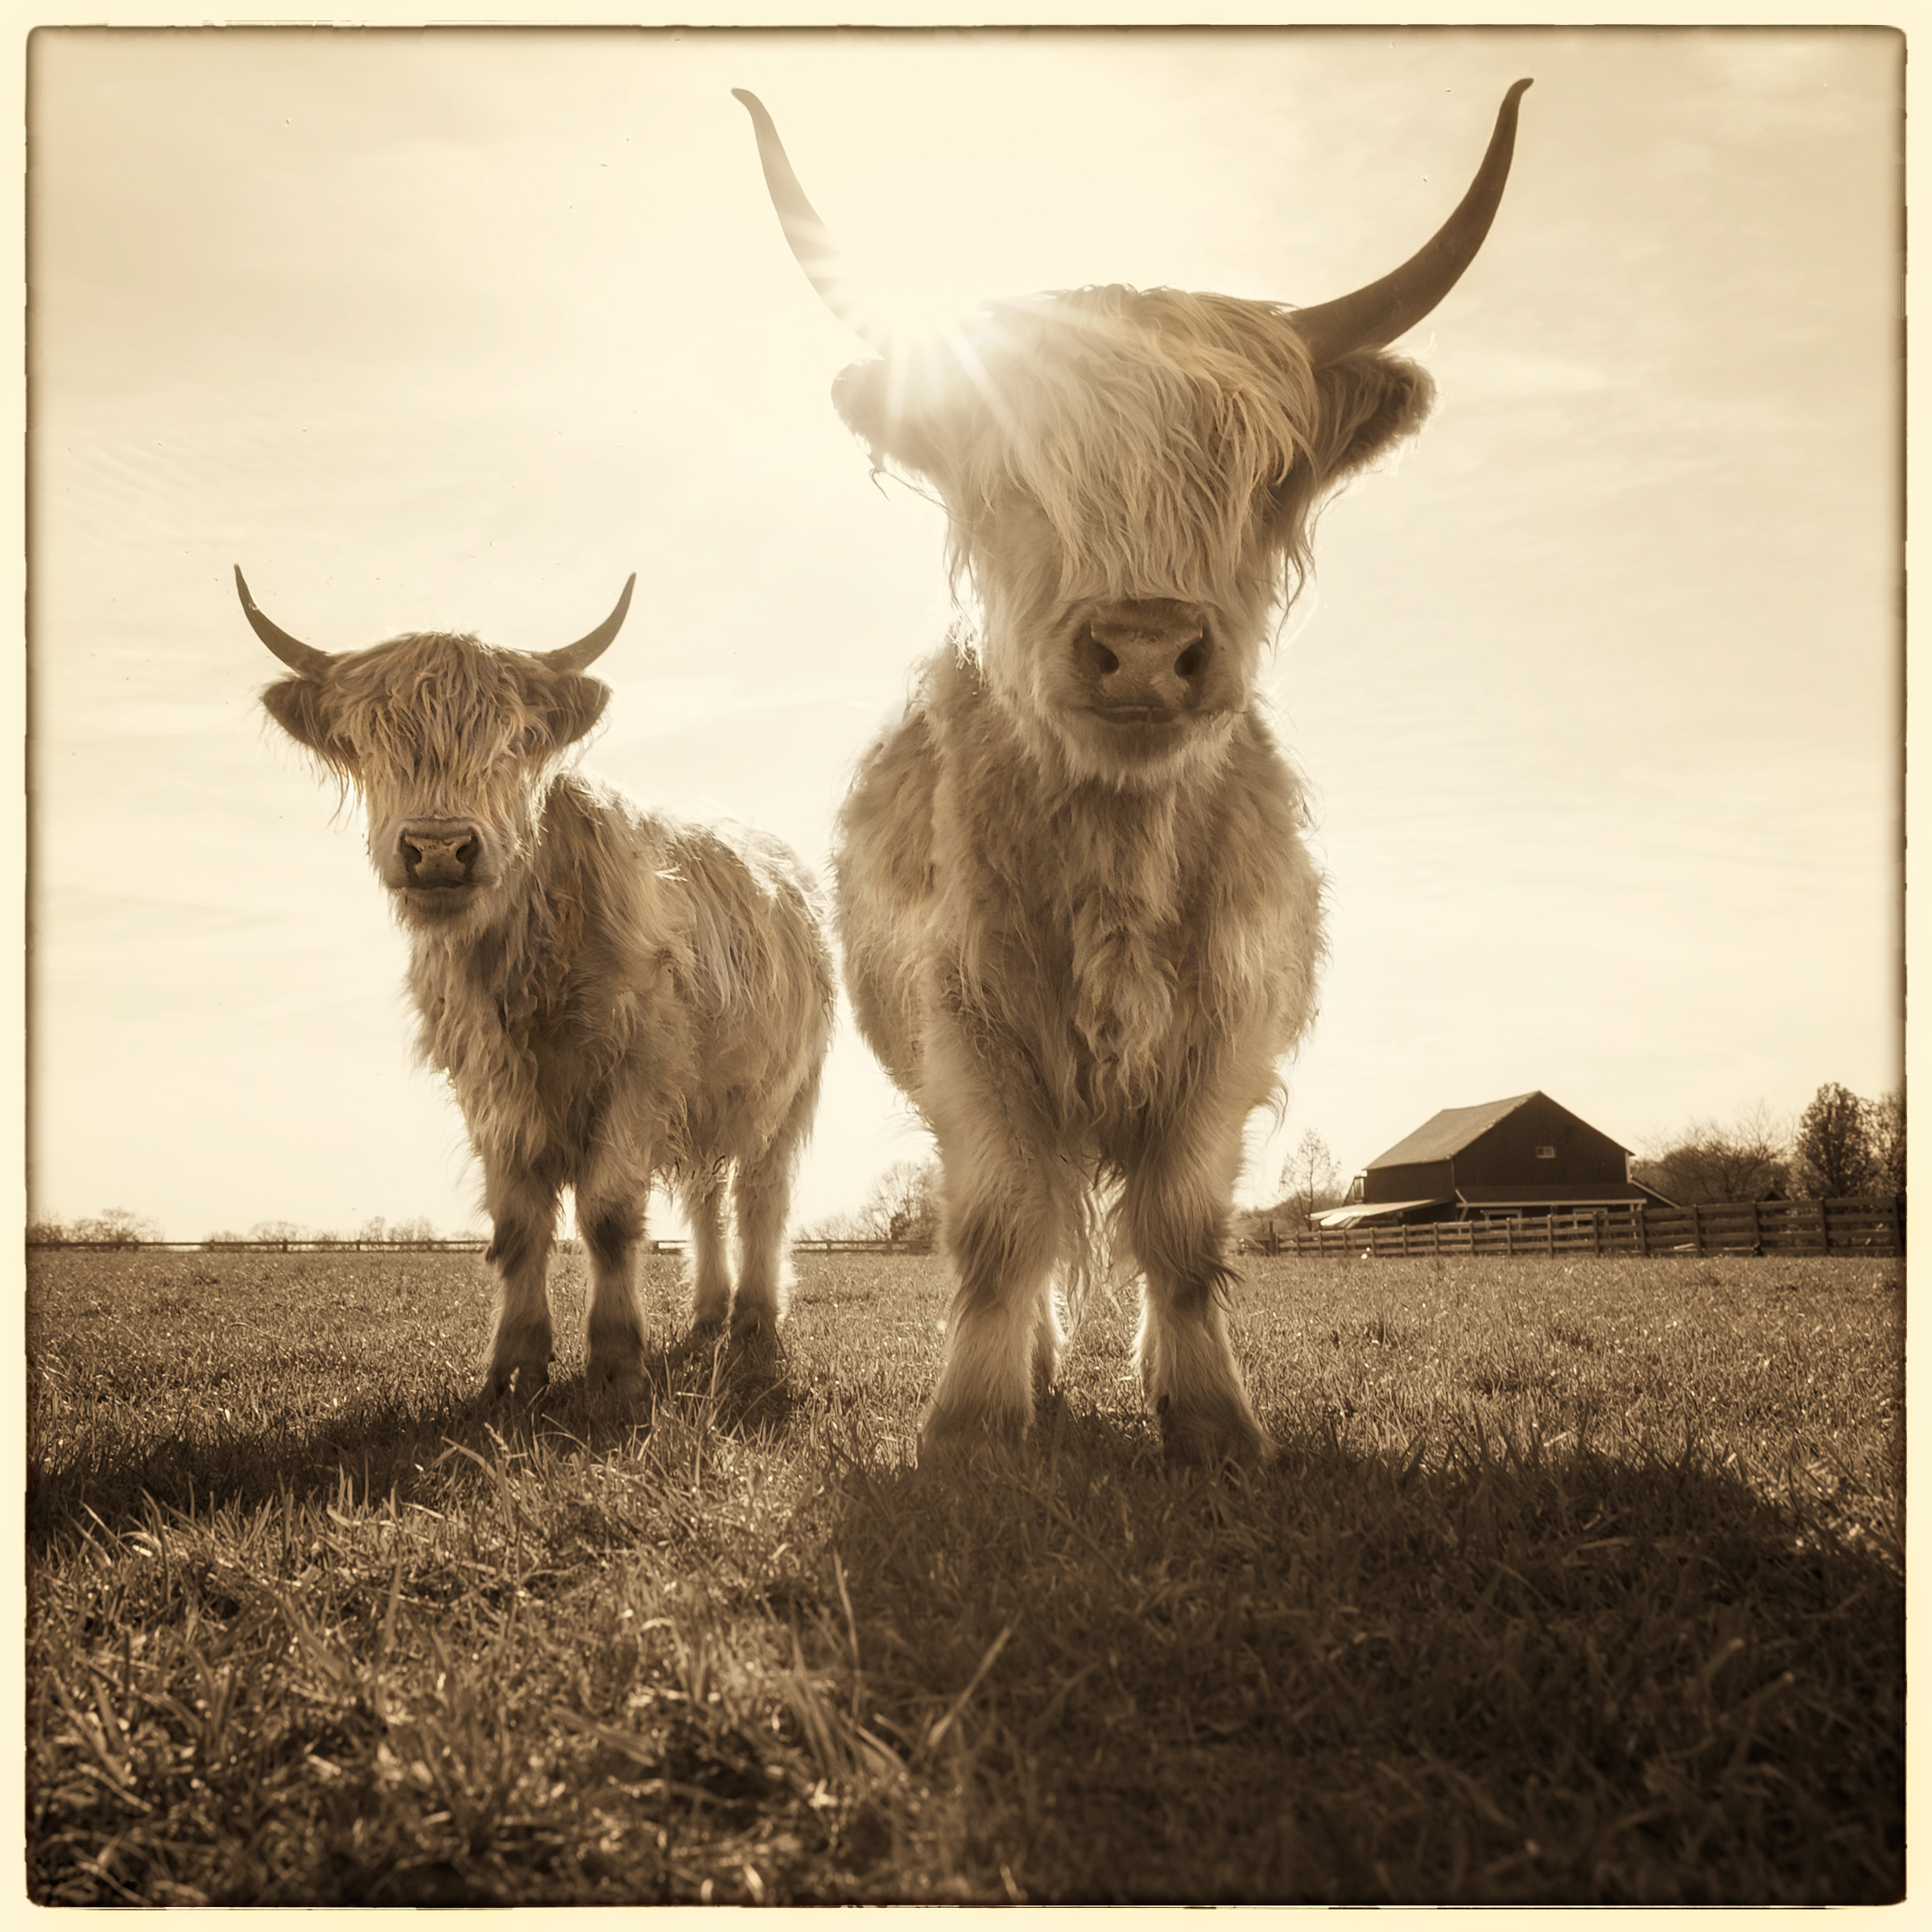 2-Cows-v3.jpg